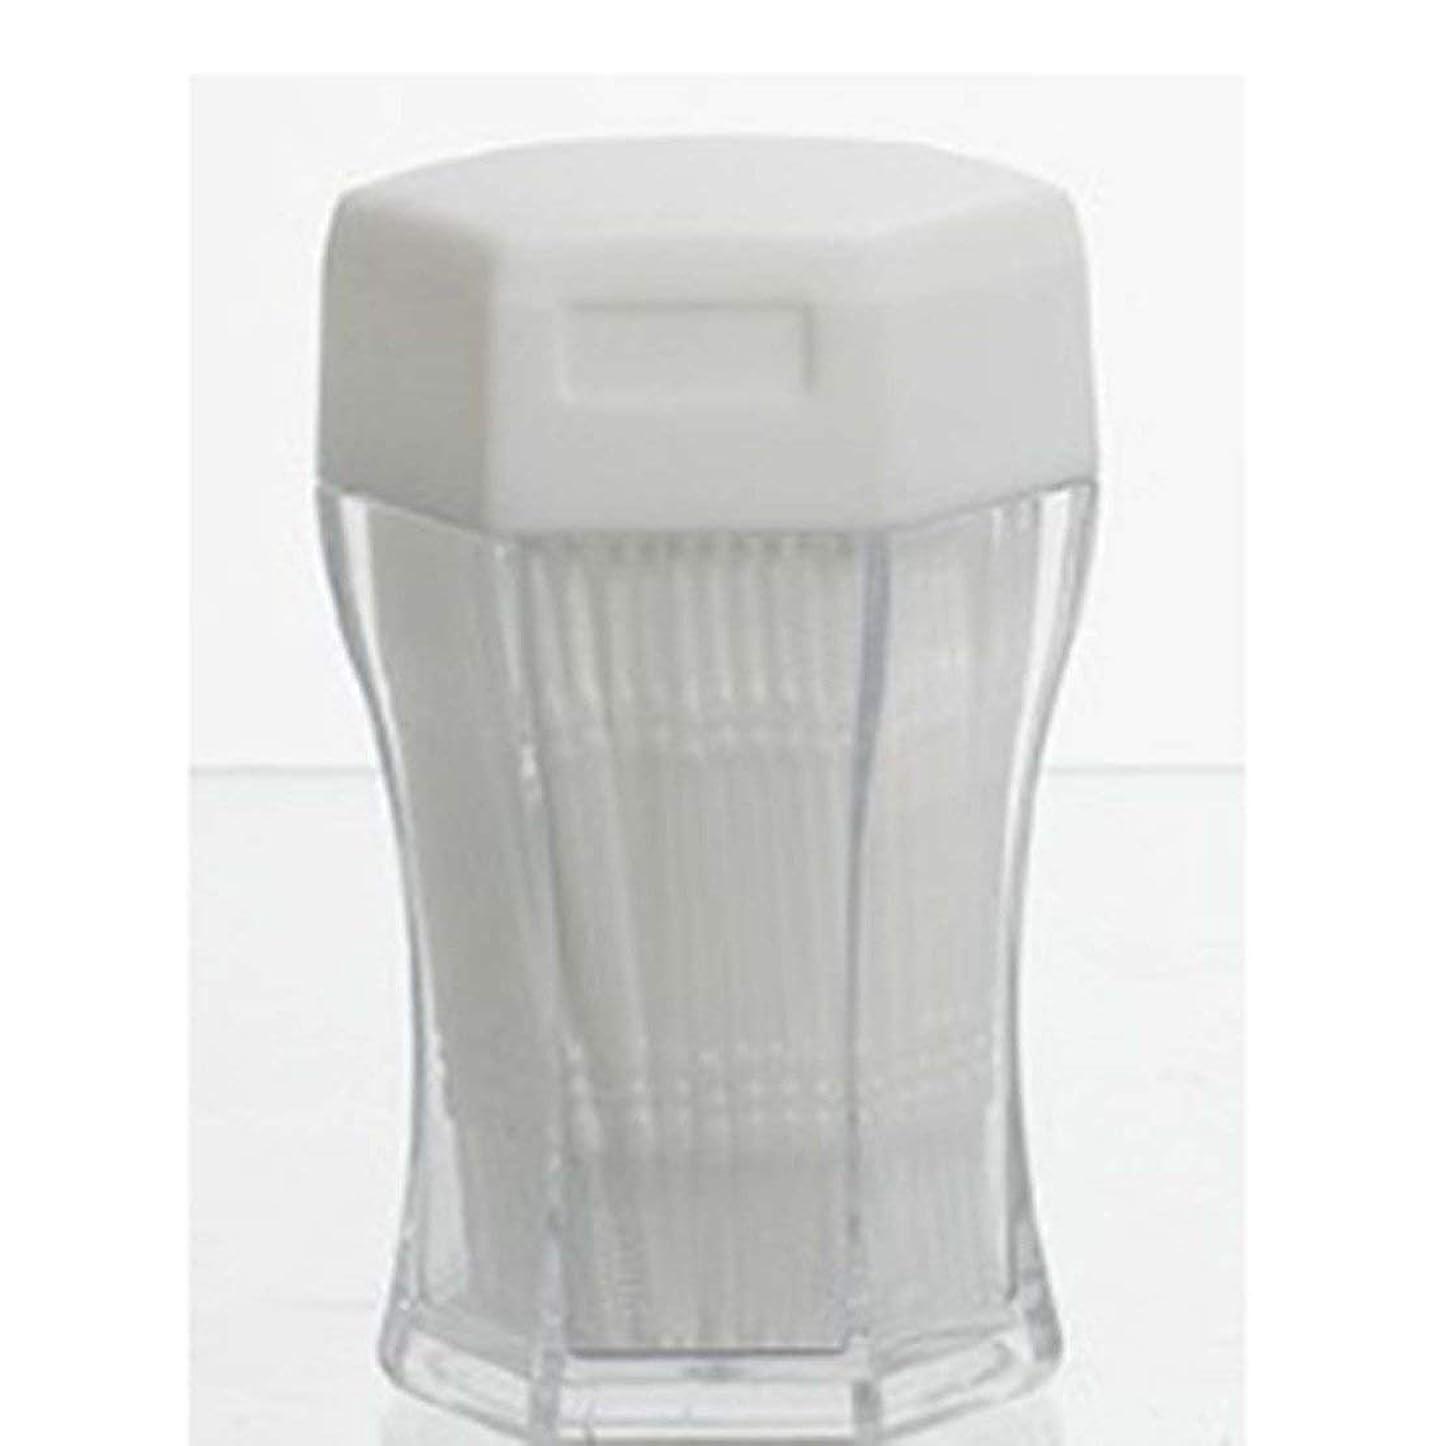 インテリアファンシー天200ピース/セットダブルヘッド歯フロス衛生デンタルフロスプラスチック歯間つまようじ歯の口腔ケアのための健康 (PandaWelly)